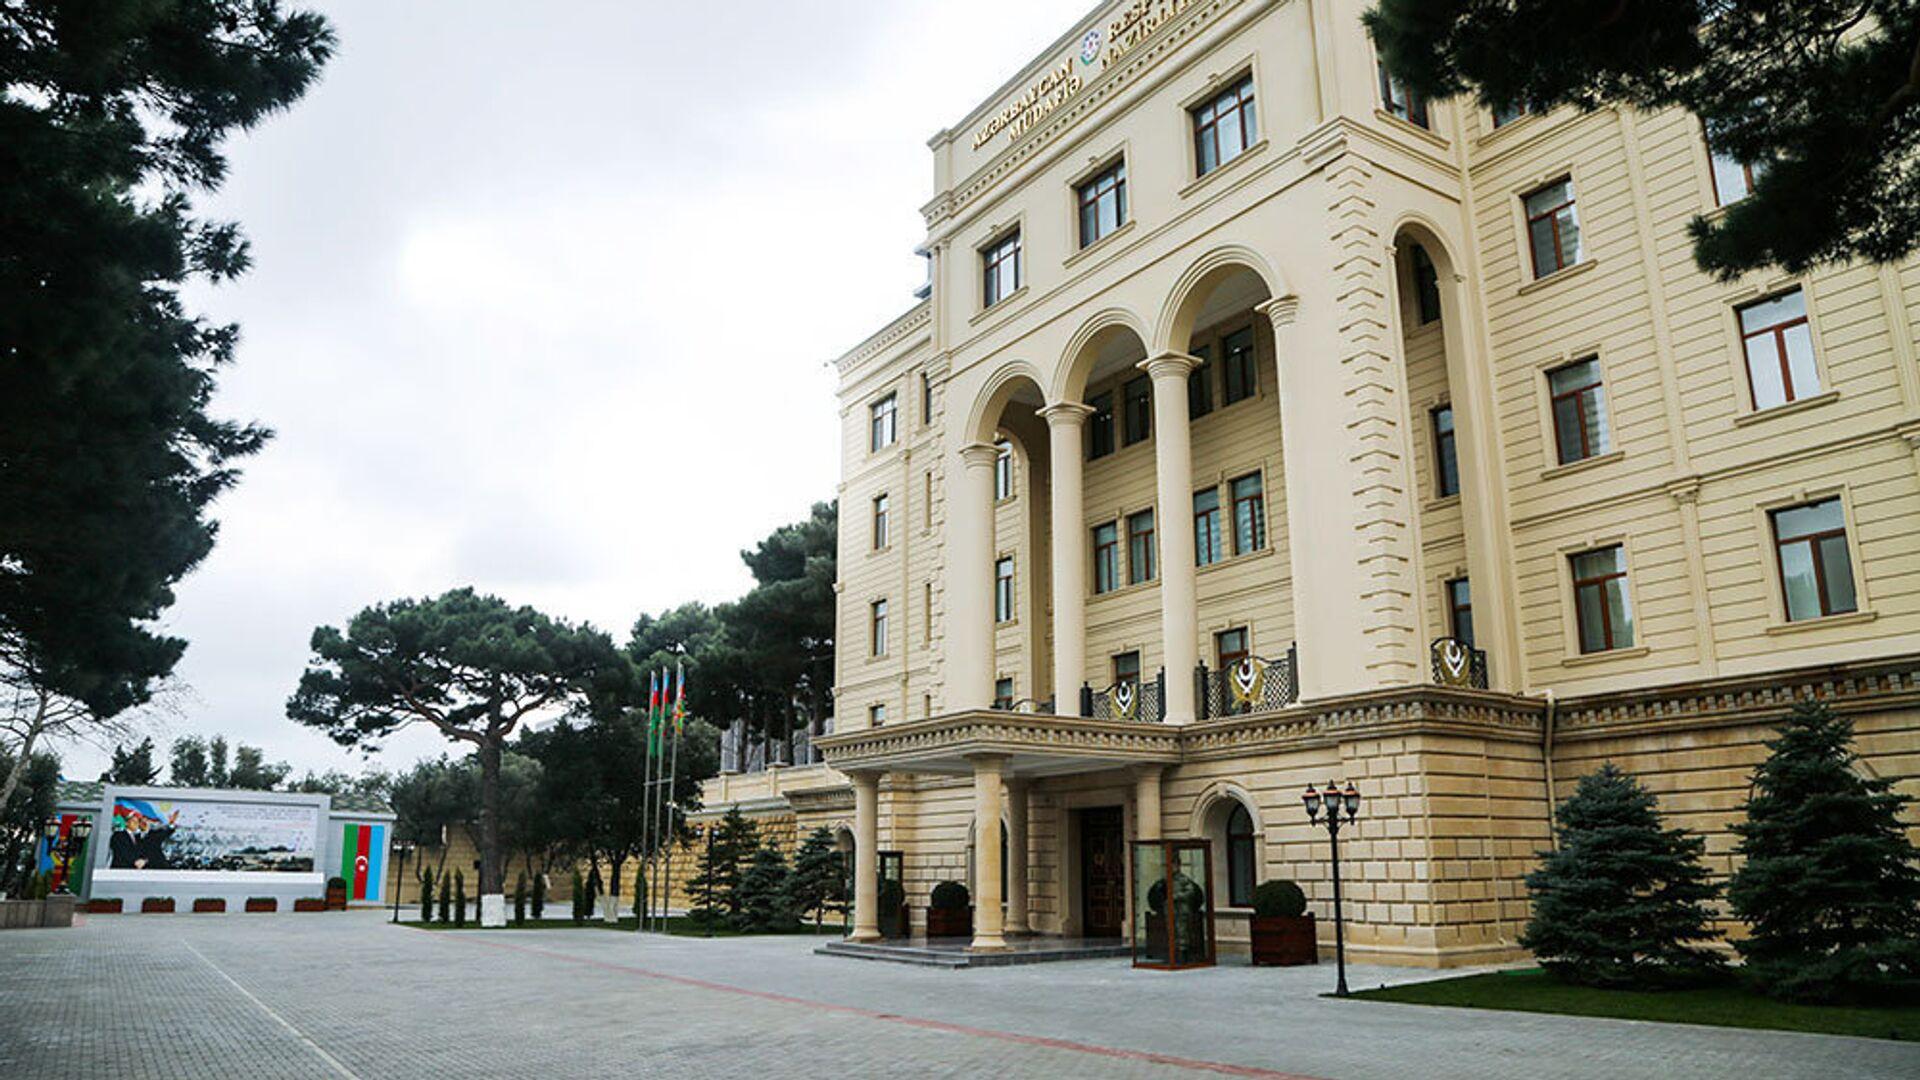 Azərbaycan Respublikası Müdafiə Nazirliyinin binası - Sputnik Azərbaycan, 1920, 21.09.2021